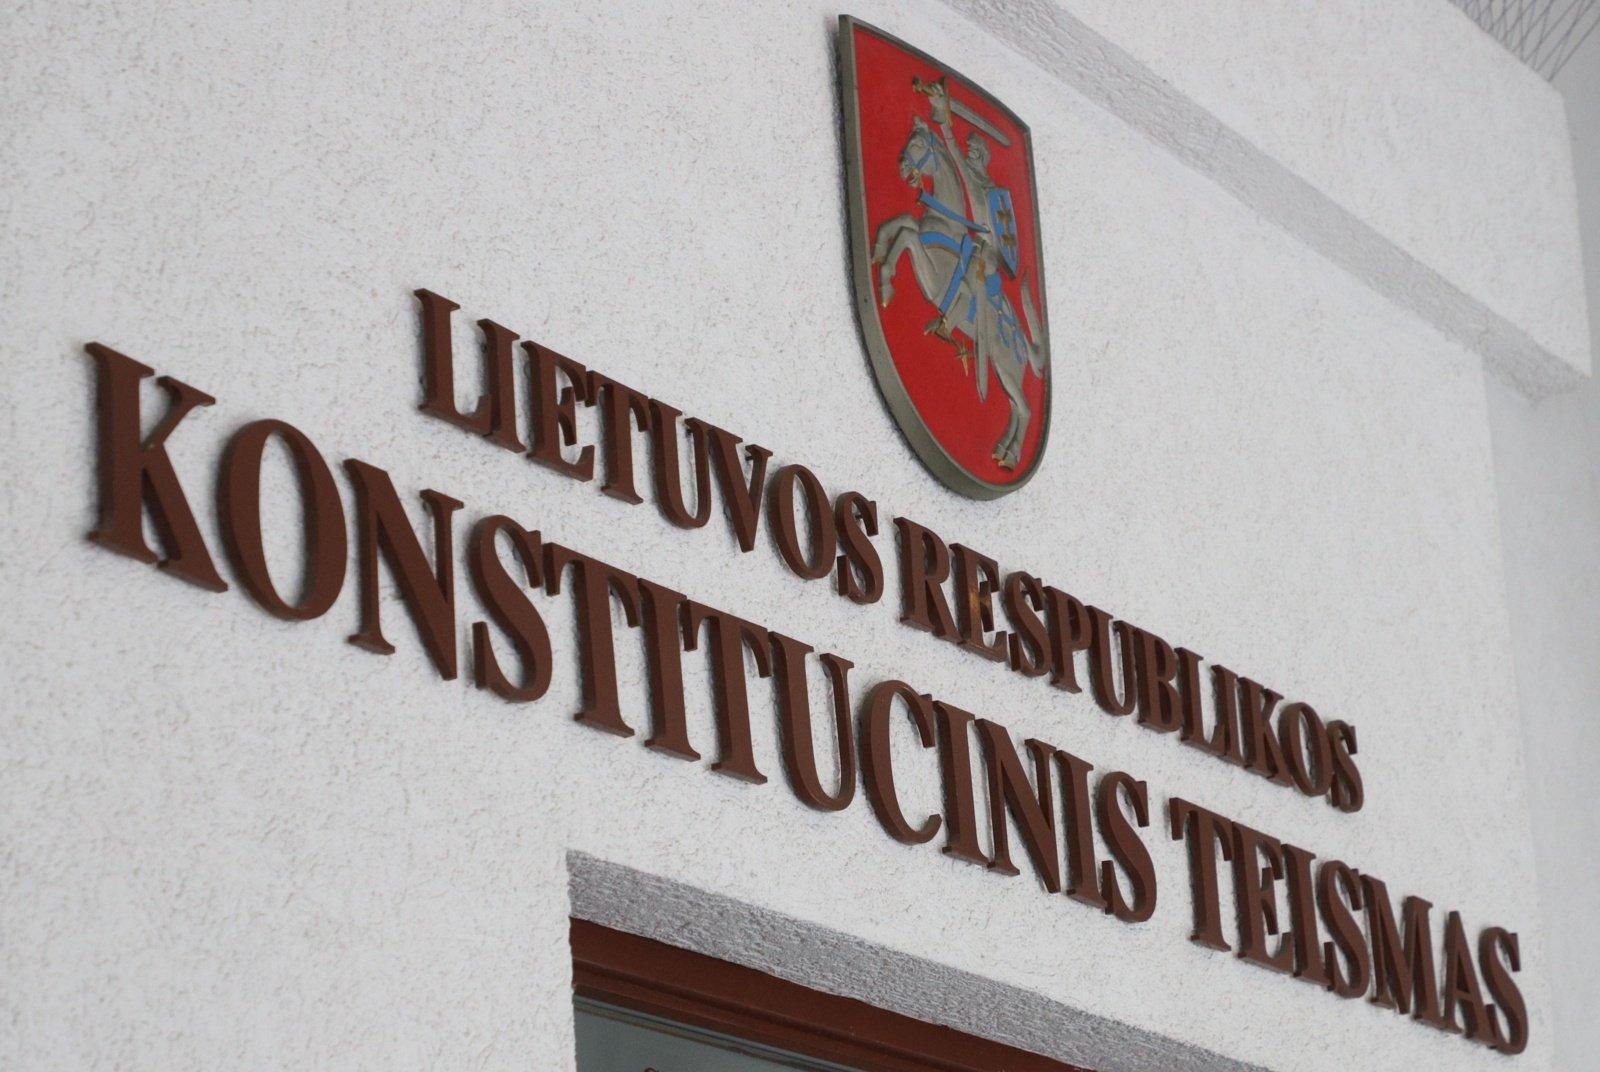 Opozicija svarsto kreiptis į Konstitucinį Teismą dėl karantino ribojimų smulkiam verslui